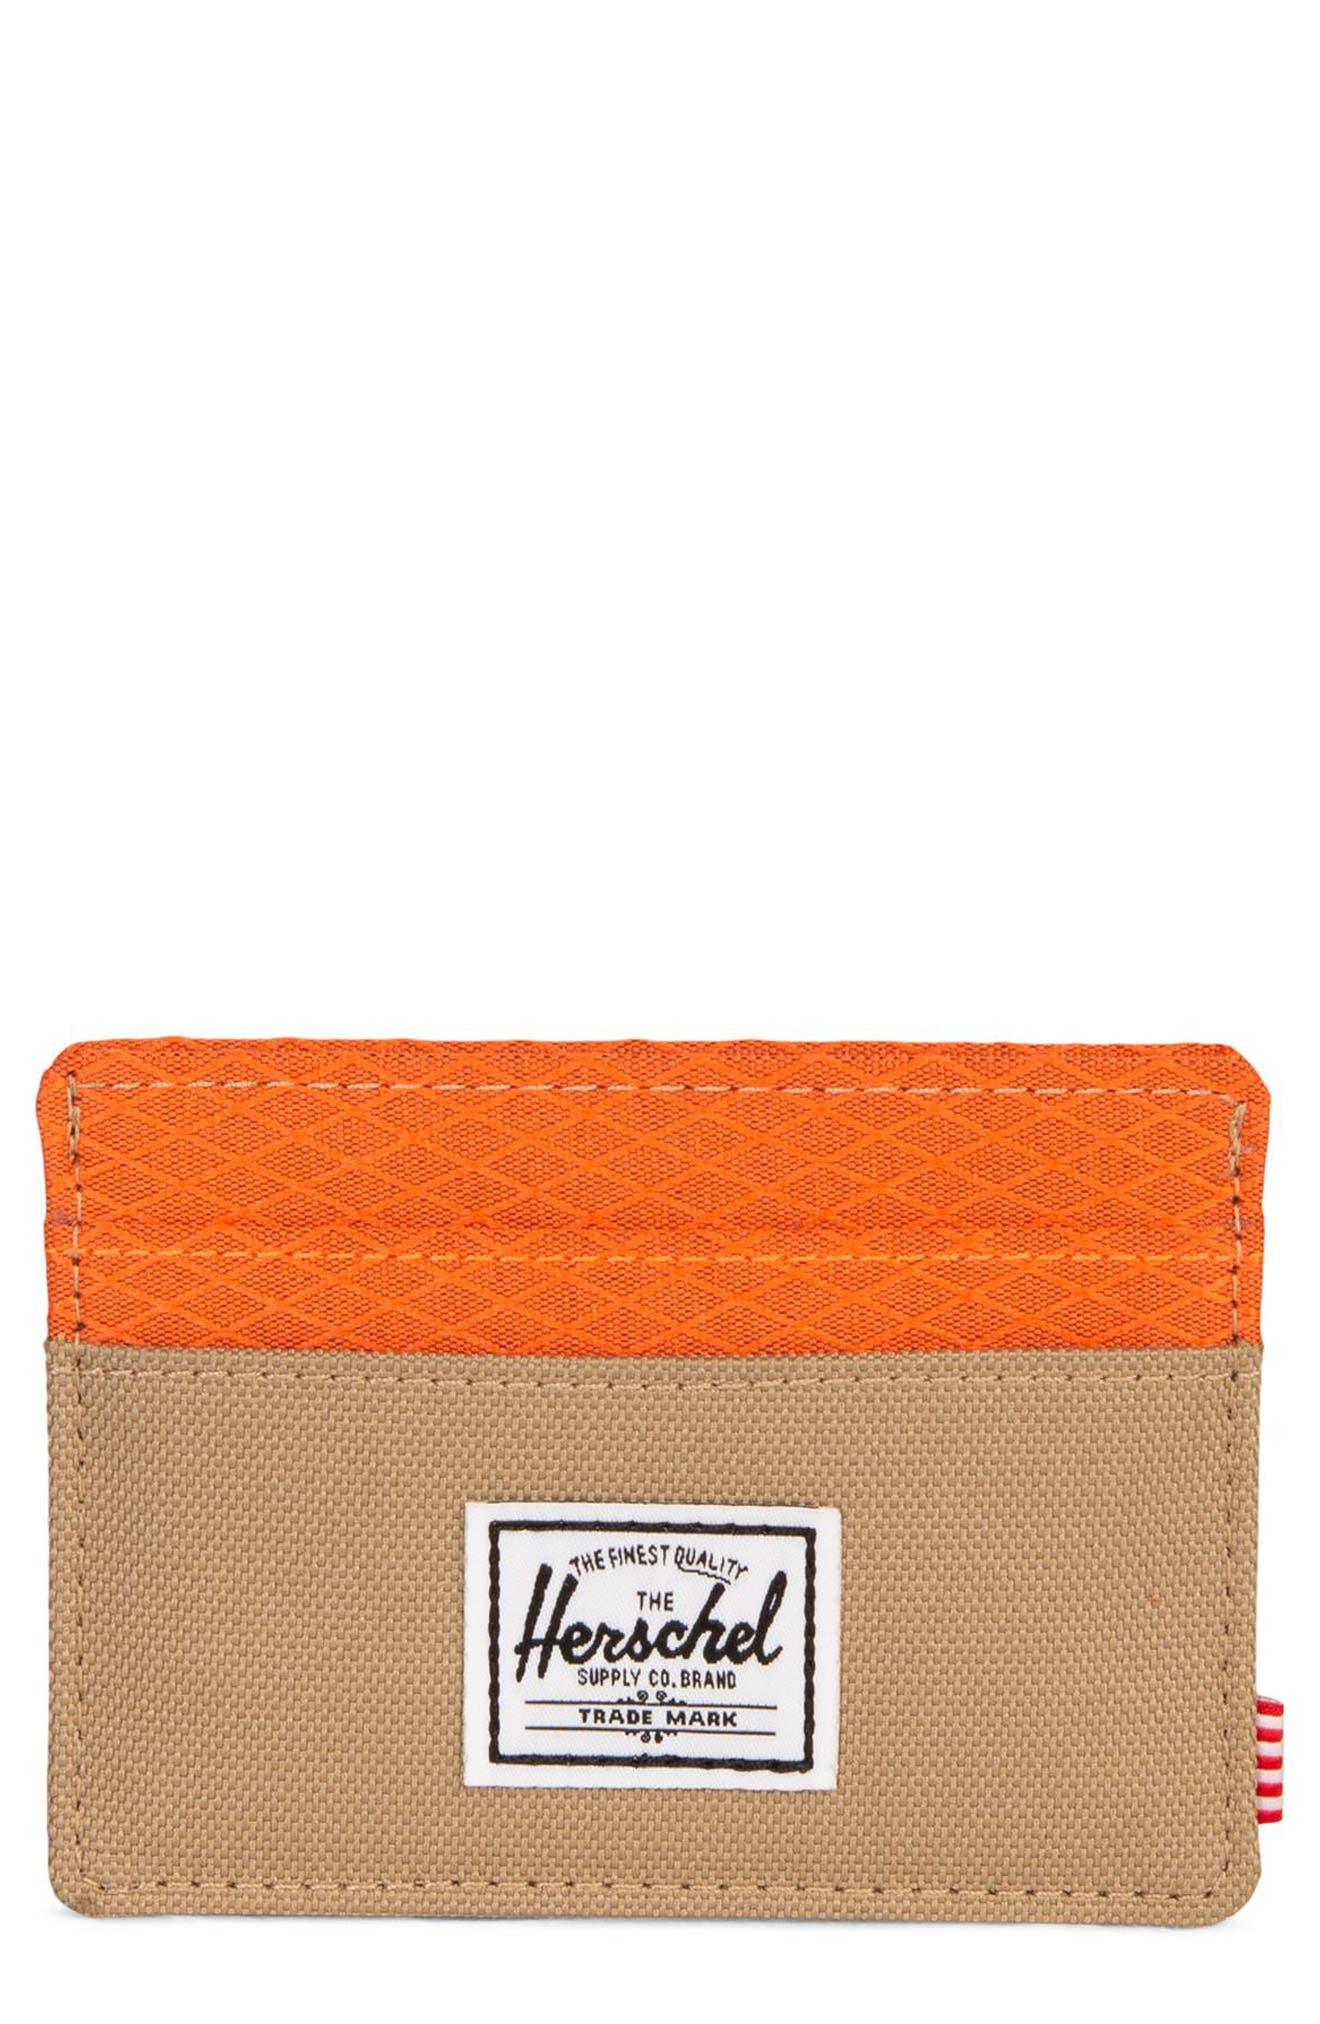 Charlie Card Case,                         Main,                         color, KELP/ VERMILLION ORANGE